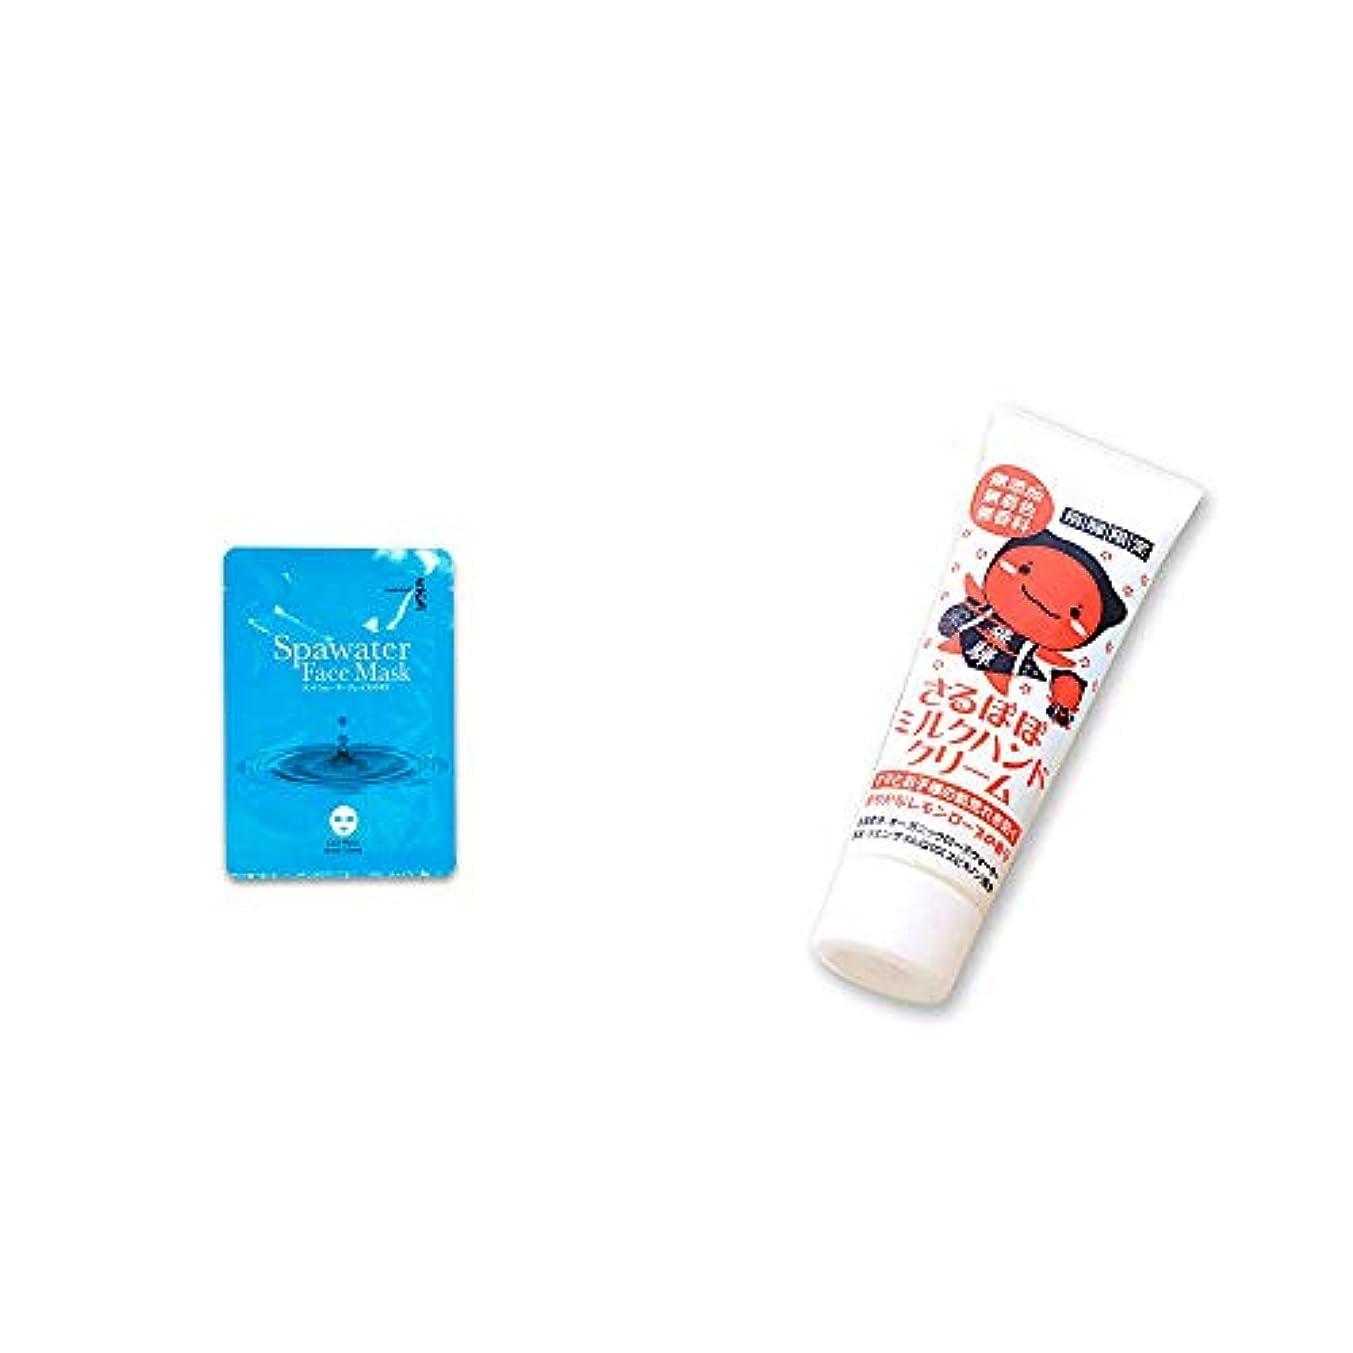 悪用鎮痛剤パスタ[2点セット] ひのき炭黒泉 スパウォーターフェイスマスク(18ml×3枚入)?さるぼぼ ミルクハンドクリーム(50g)